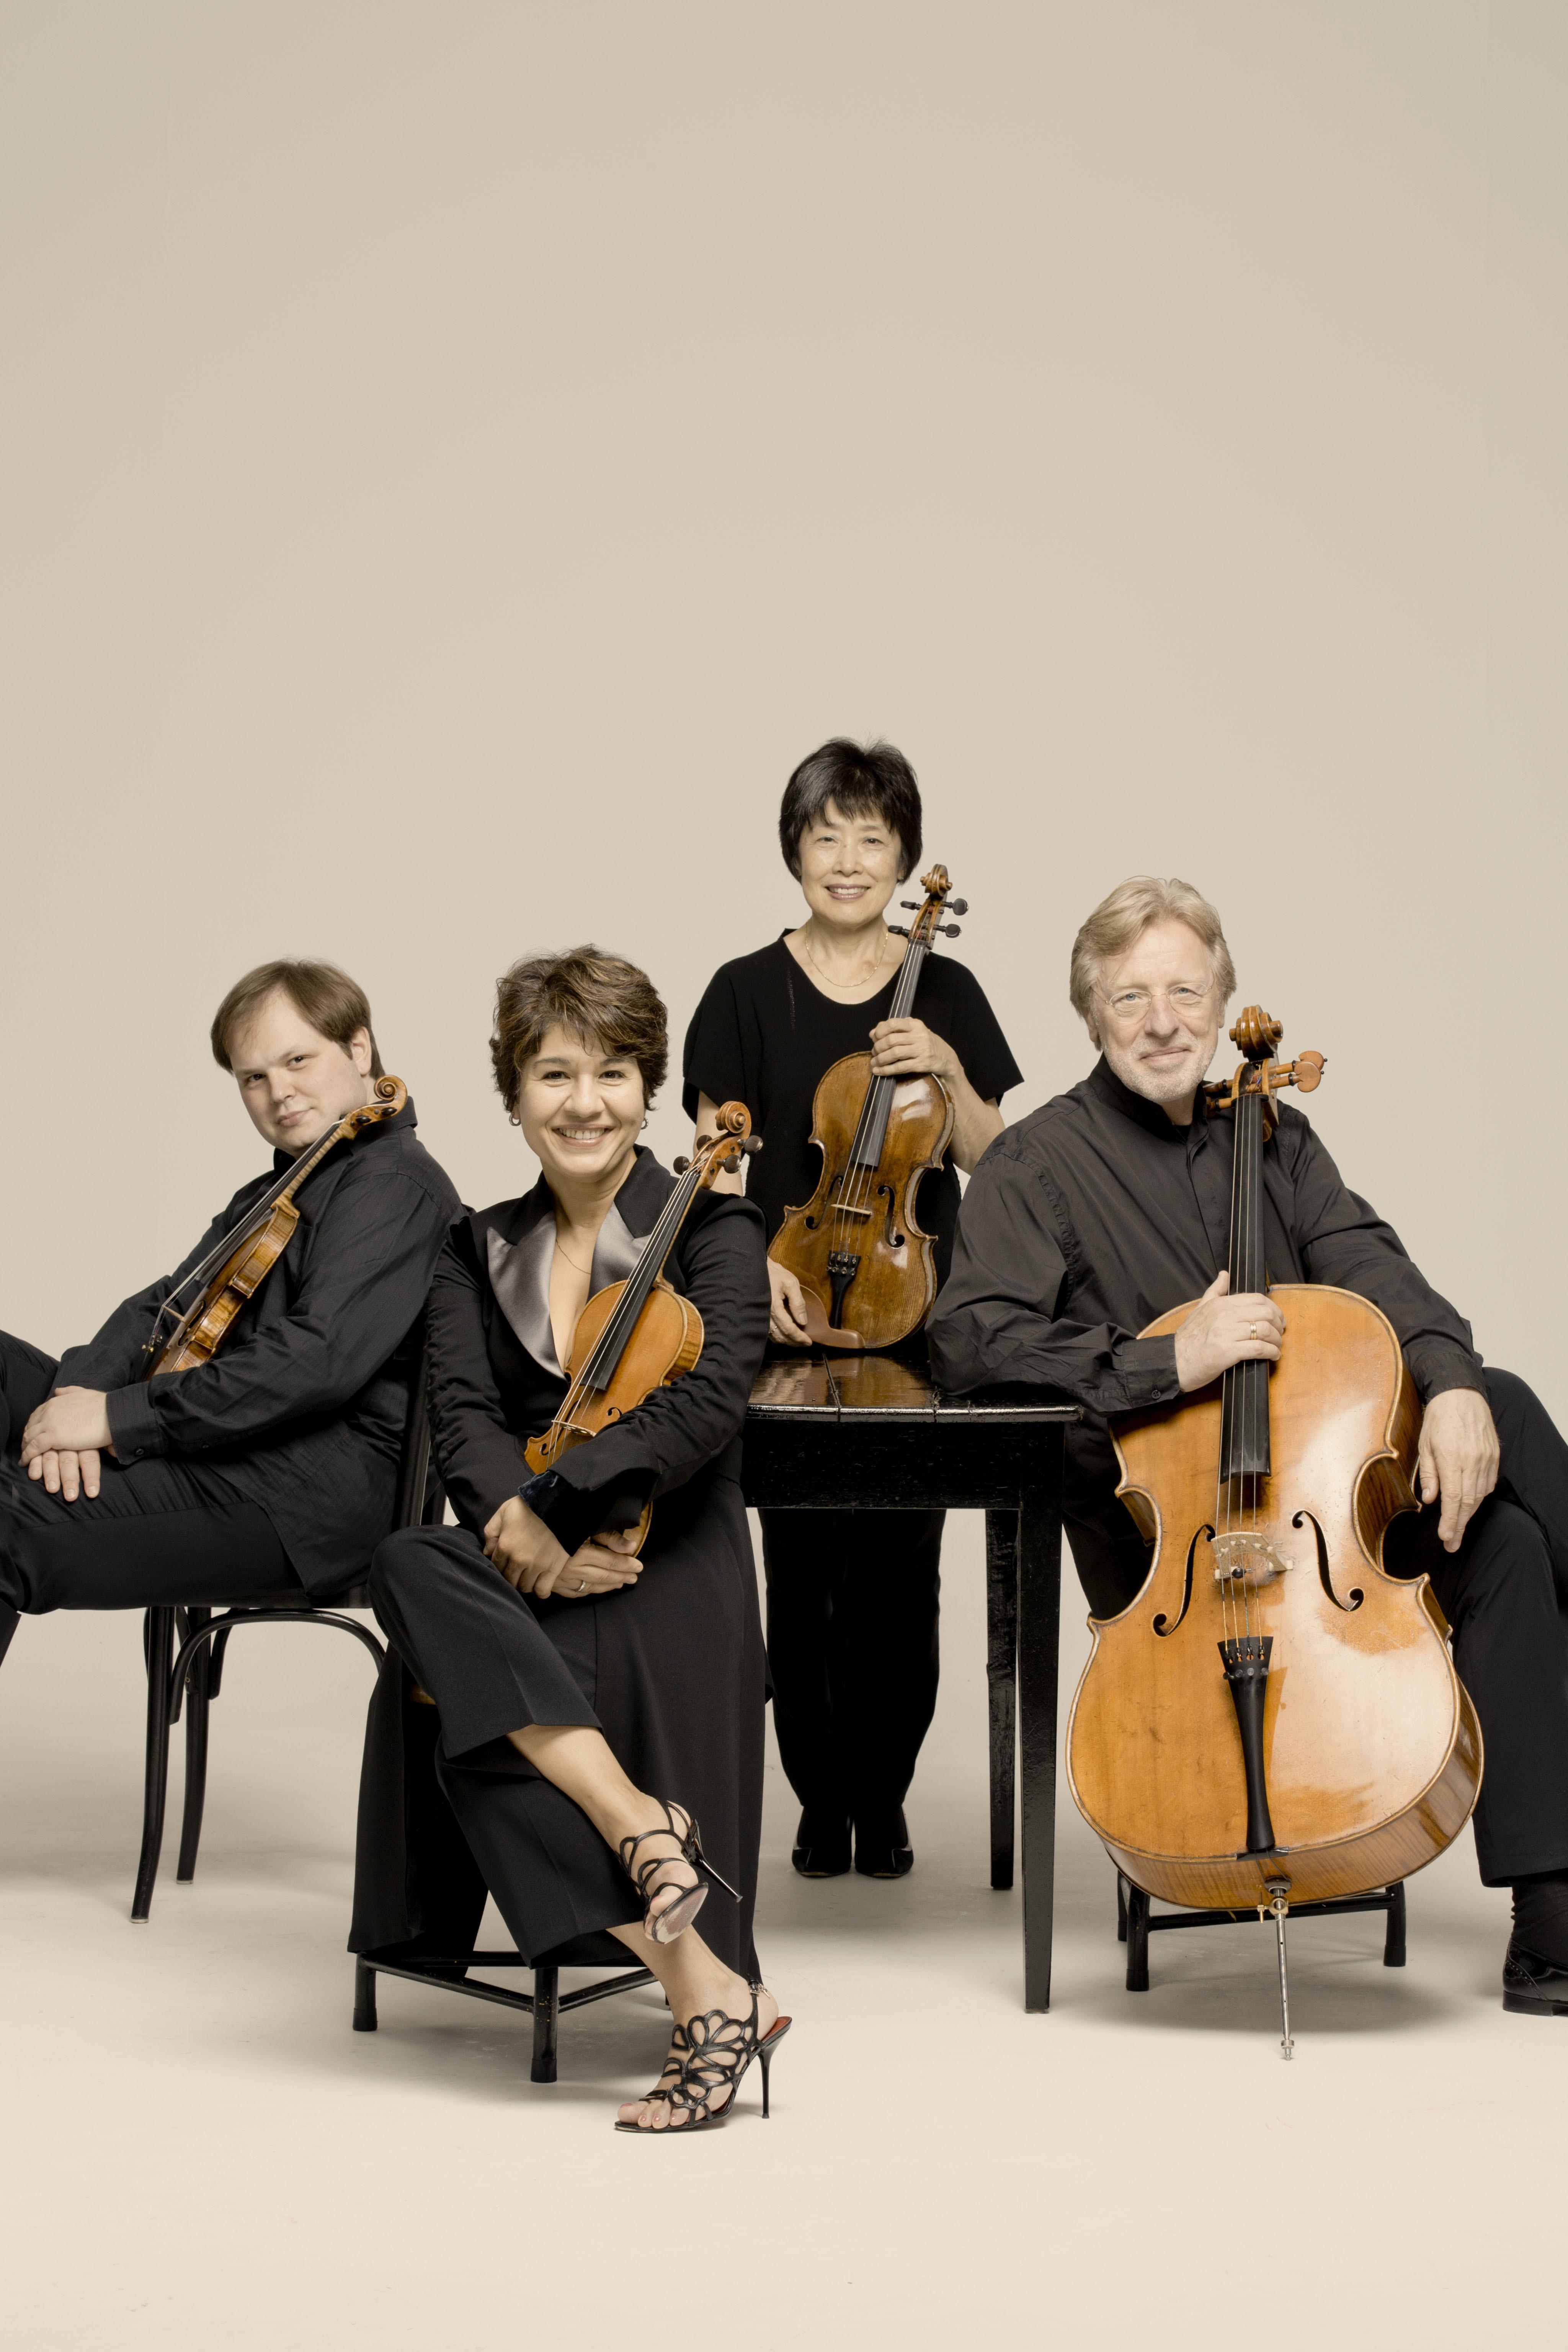 妥協のないリハーサルを重ねて最高の演奏を追求するミケランジェロ弦楽四重奏団 (c)Marco Borggreve